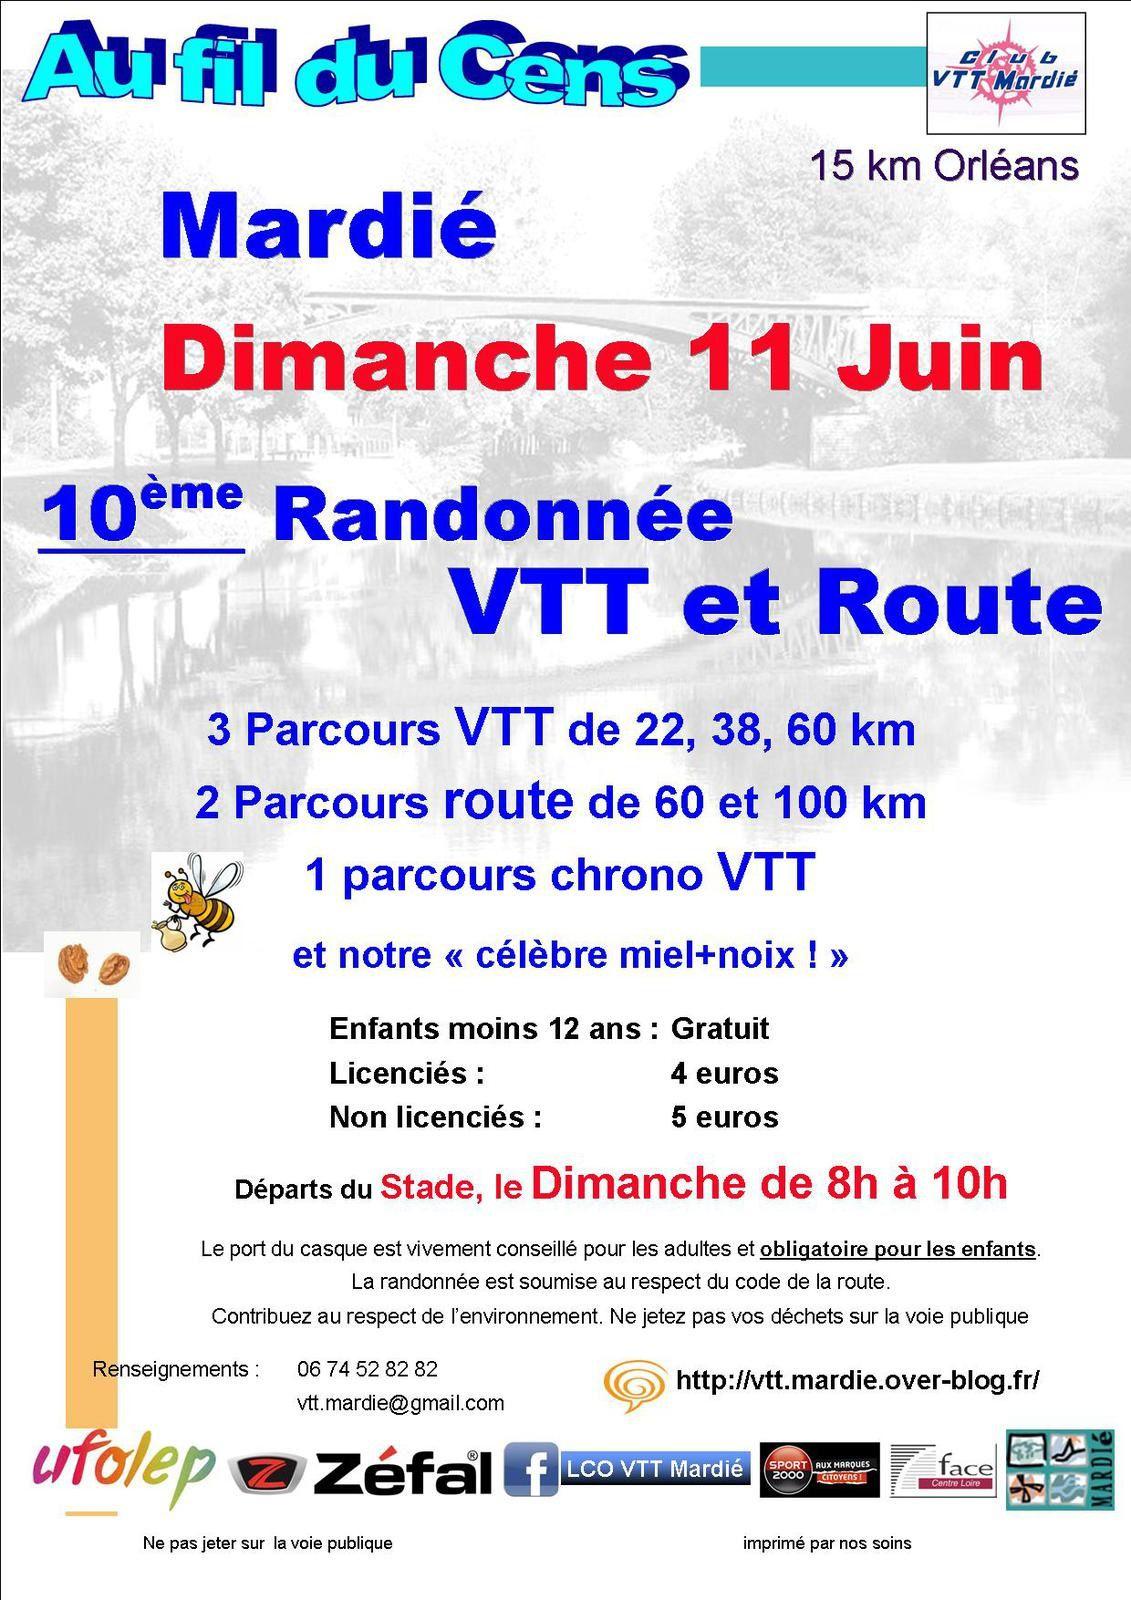 Randonnée VTT et ROUTE - Au fil du Cens - 10 ème édition - Mardié - 11 Juin 2017